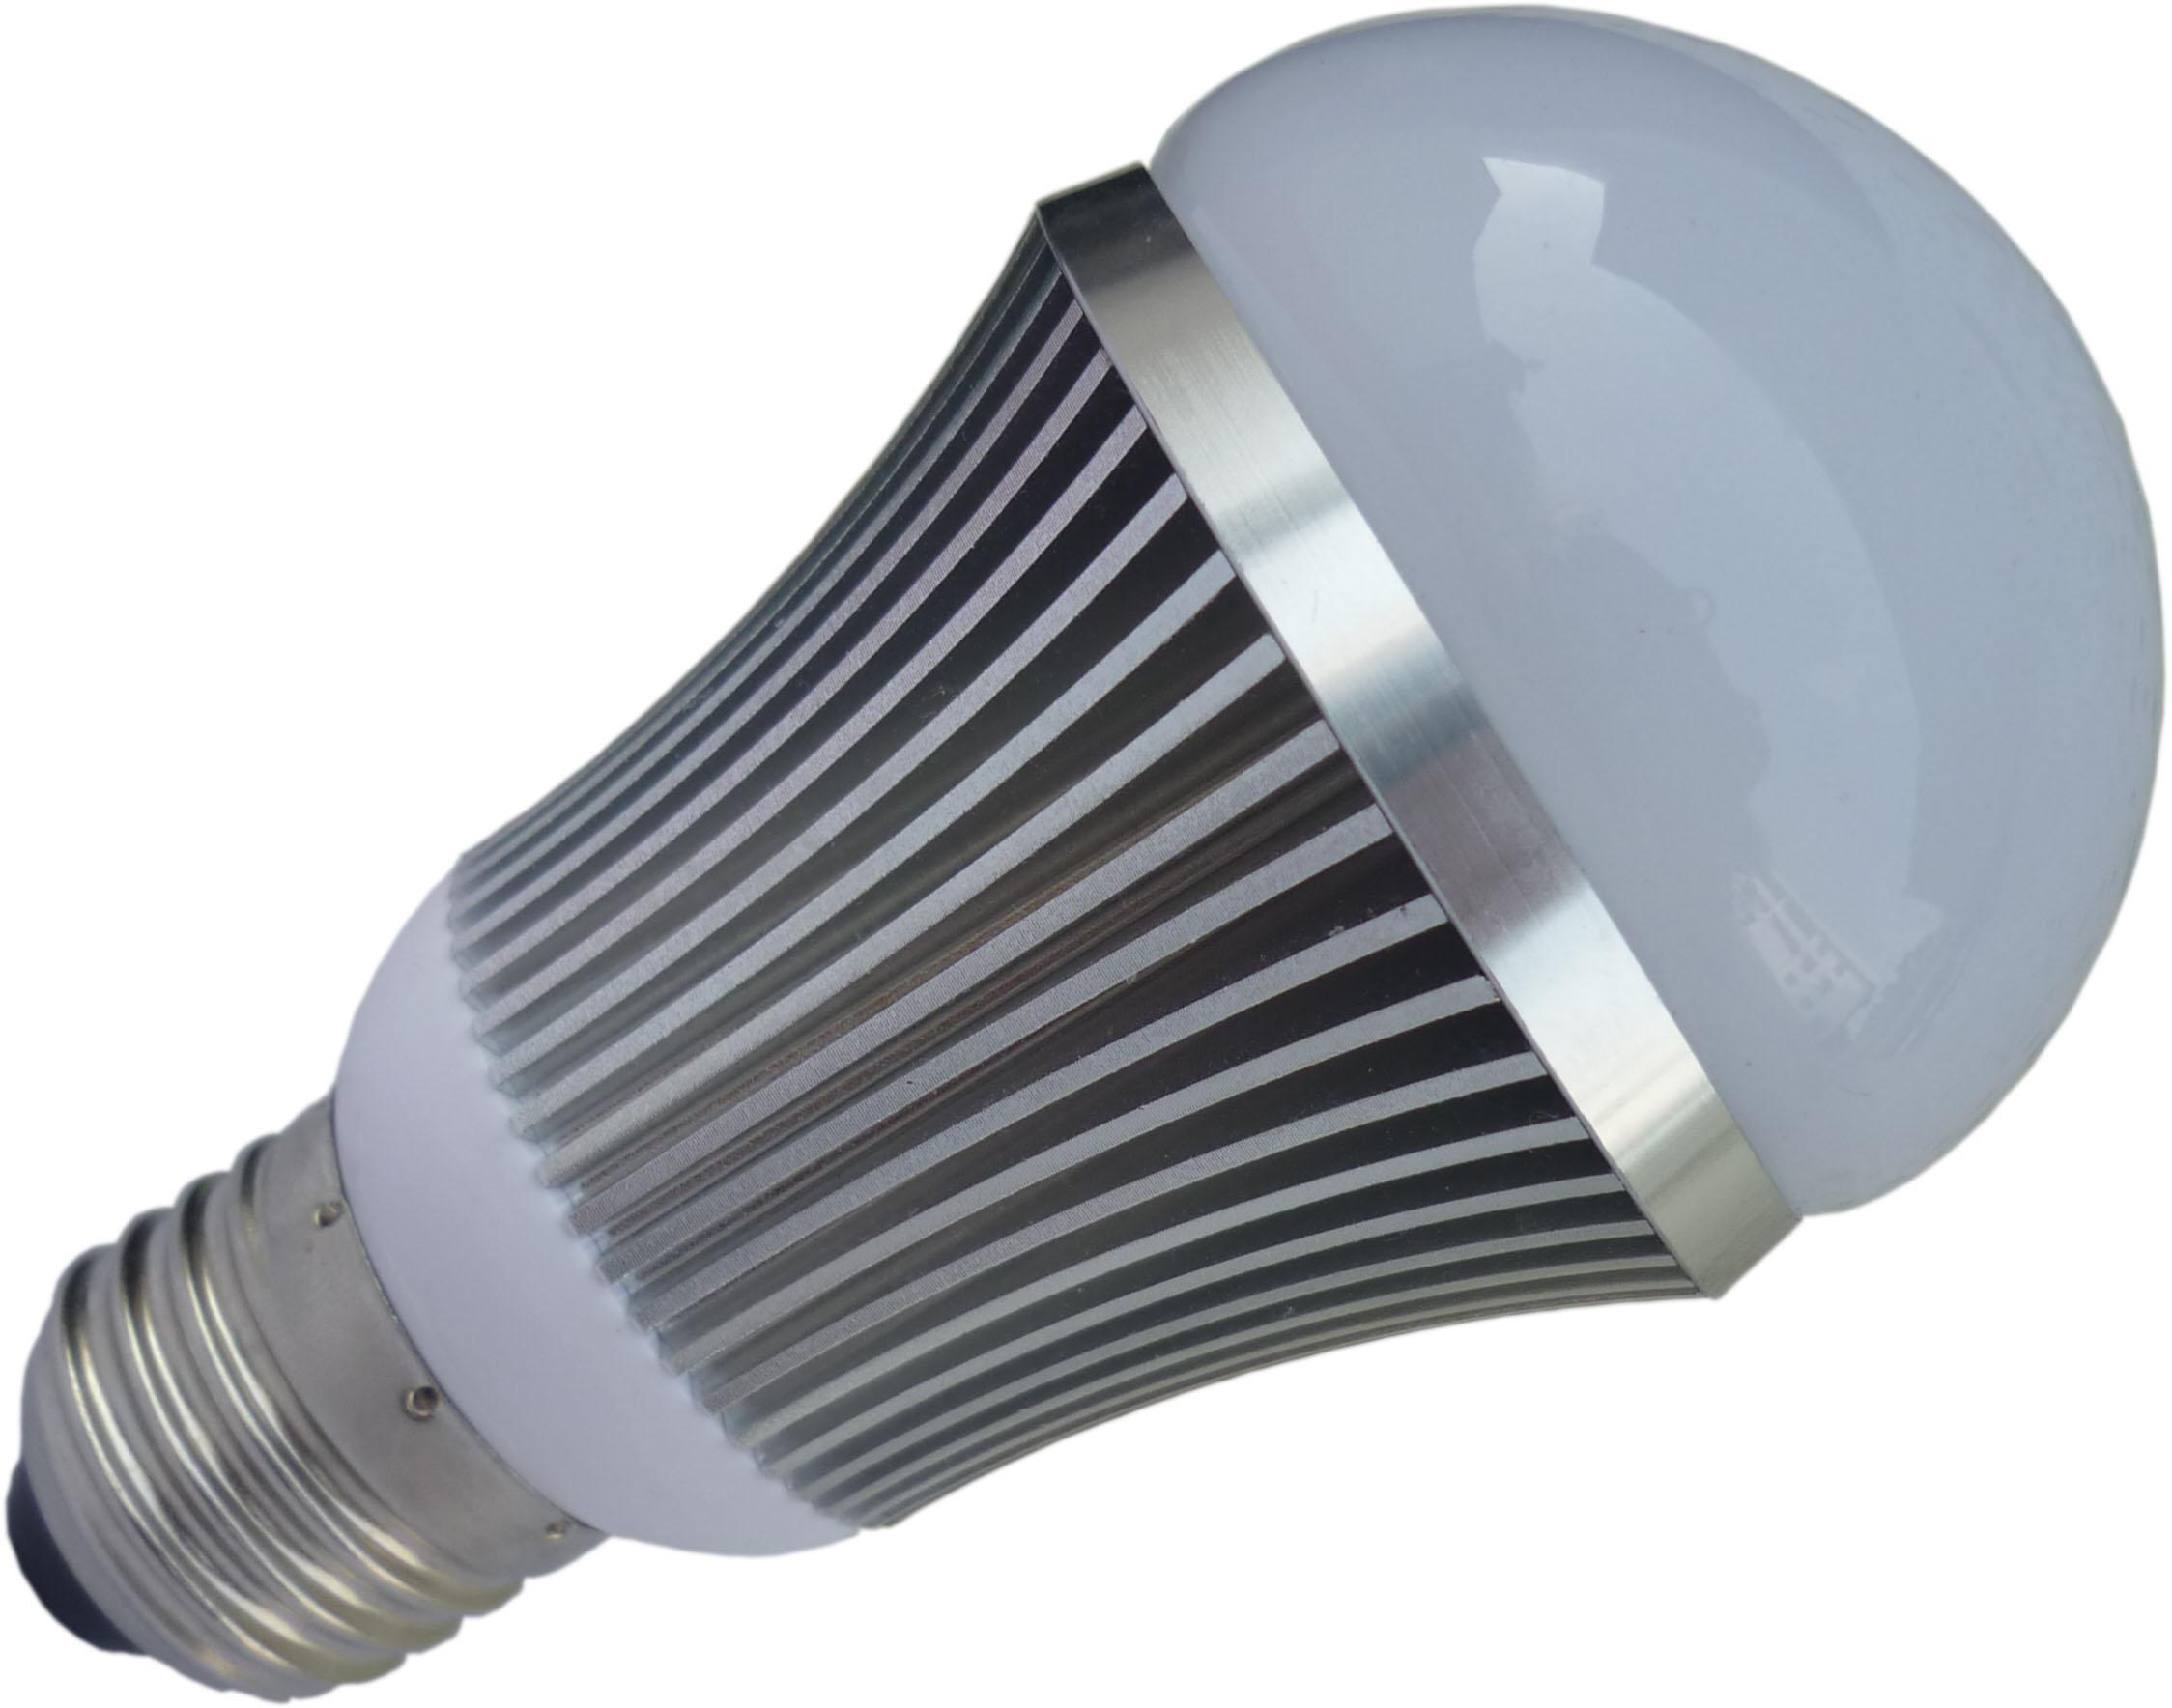 Выключатели для настольных ламп - Расскажем где купить